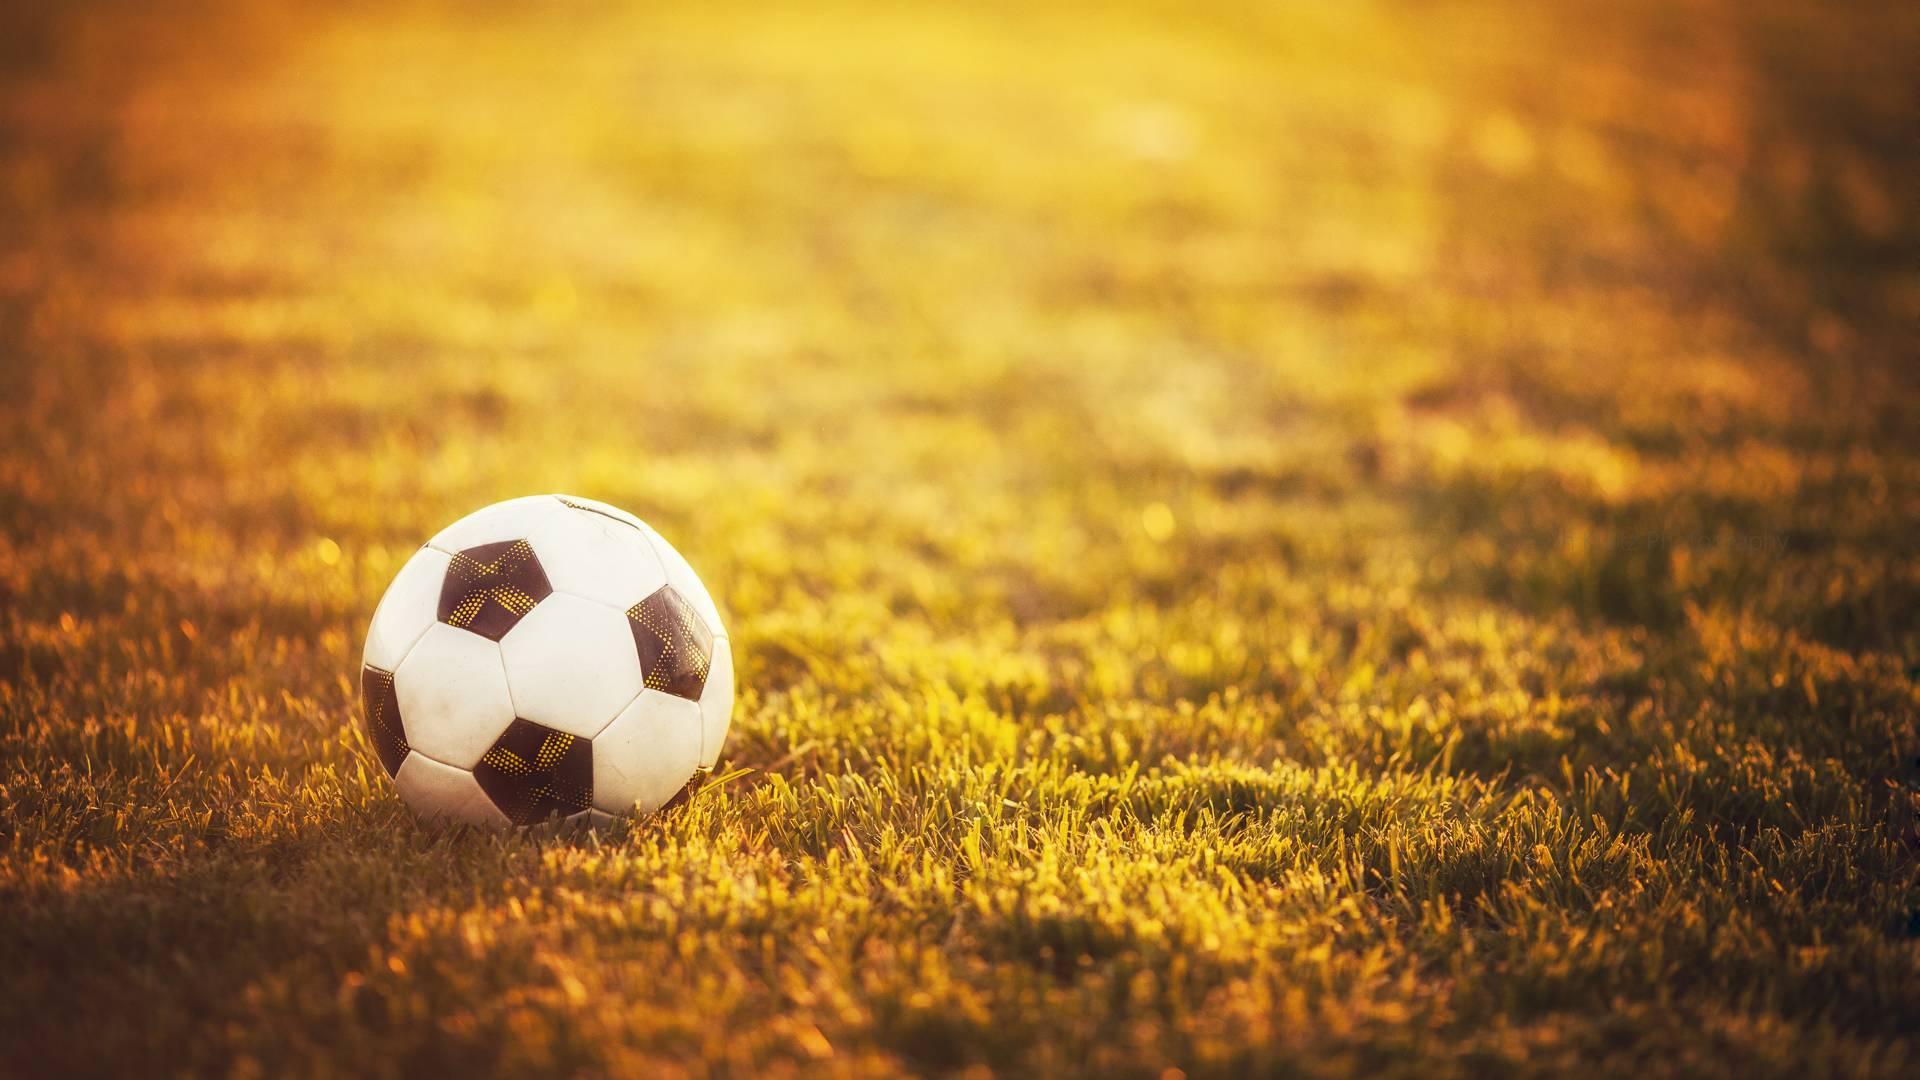 обои футбольный мяч, поле, трава, футбол картинки фото